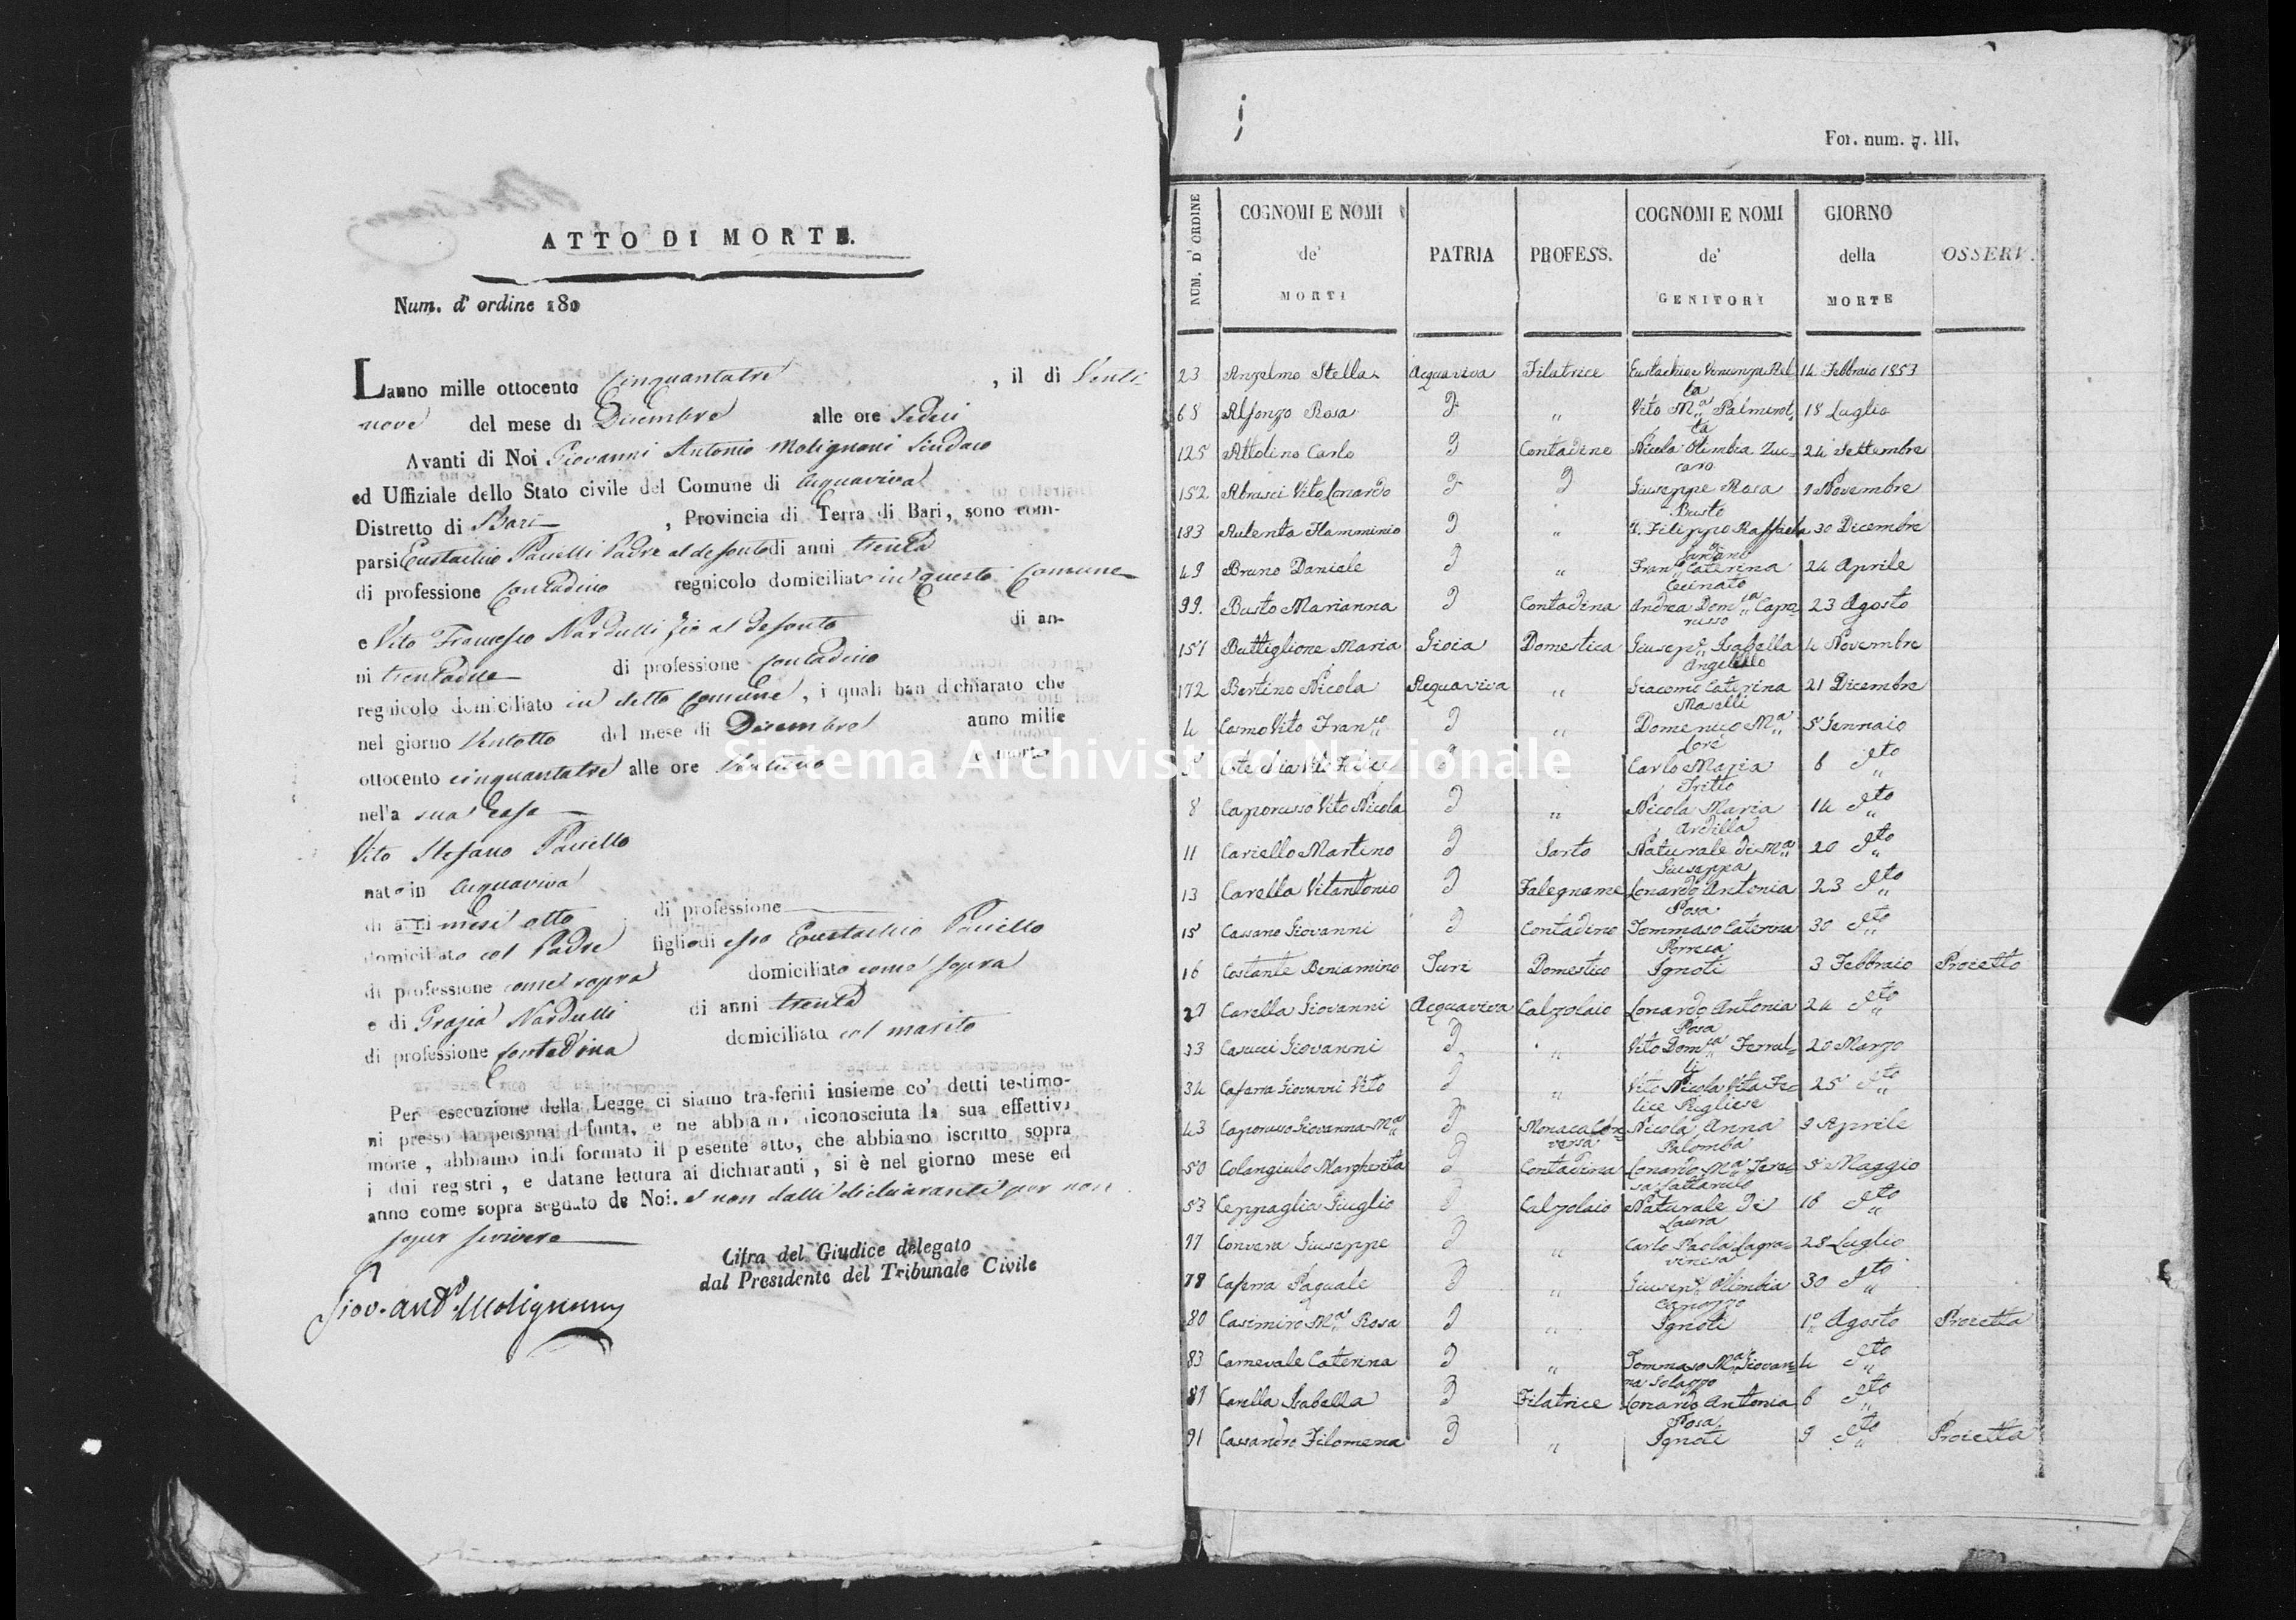 Archivio di stato di Bari - Stato civile della restaurazione - Acquaviva - Morti, indice - 1853 -